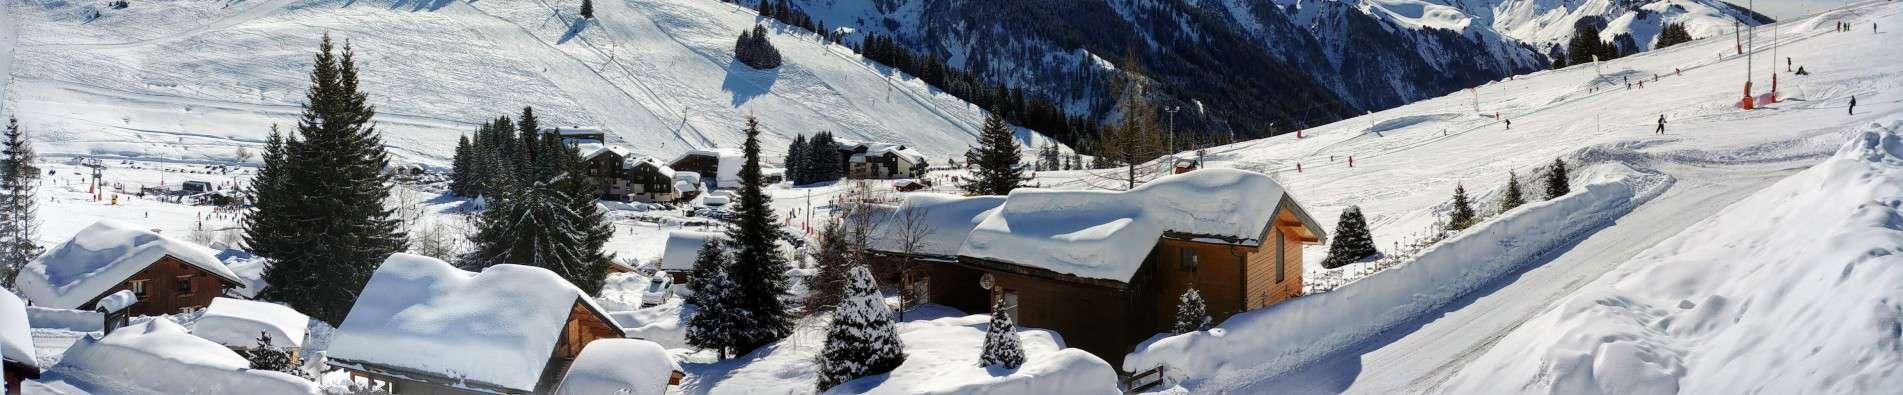 Station la clusaz Alpes France